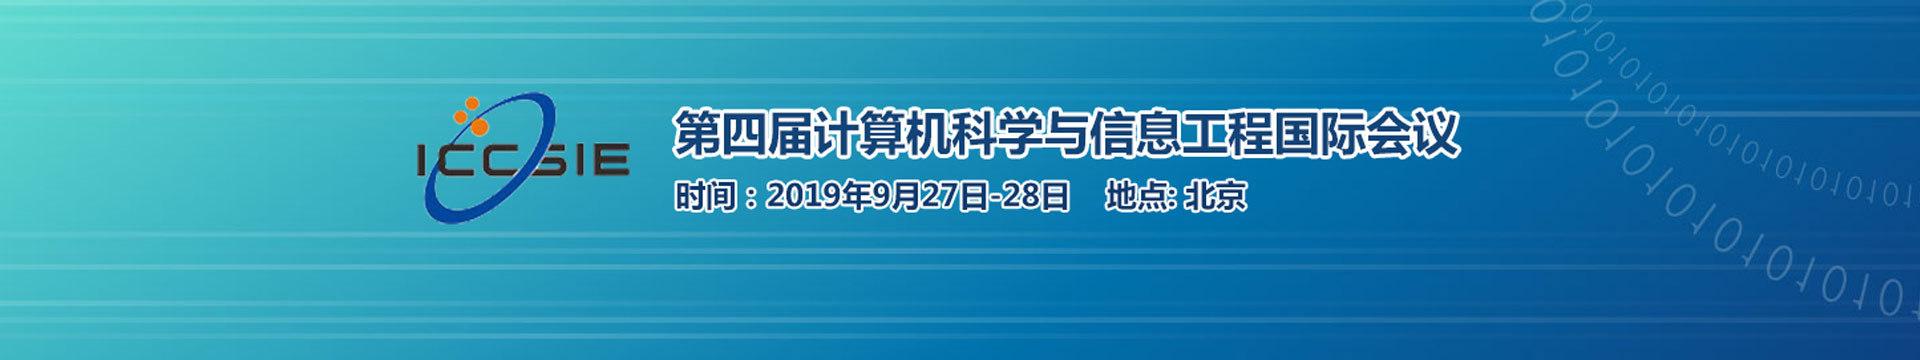 2019第四届计算机科学与11选5信息工程国际会议(北京)